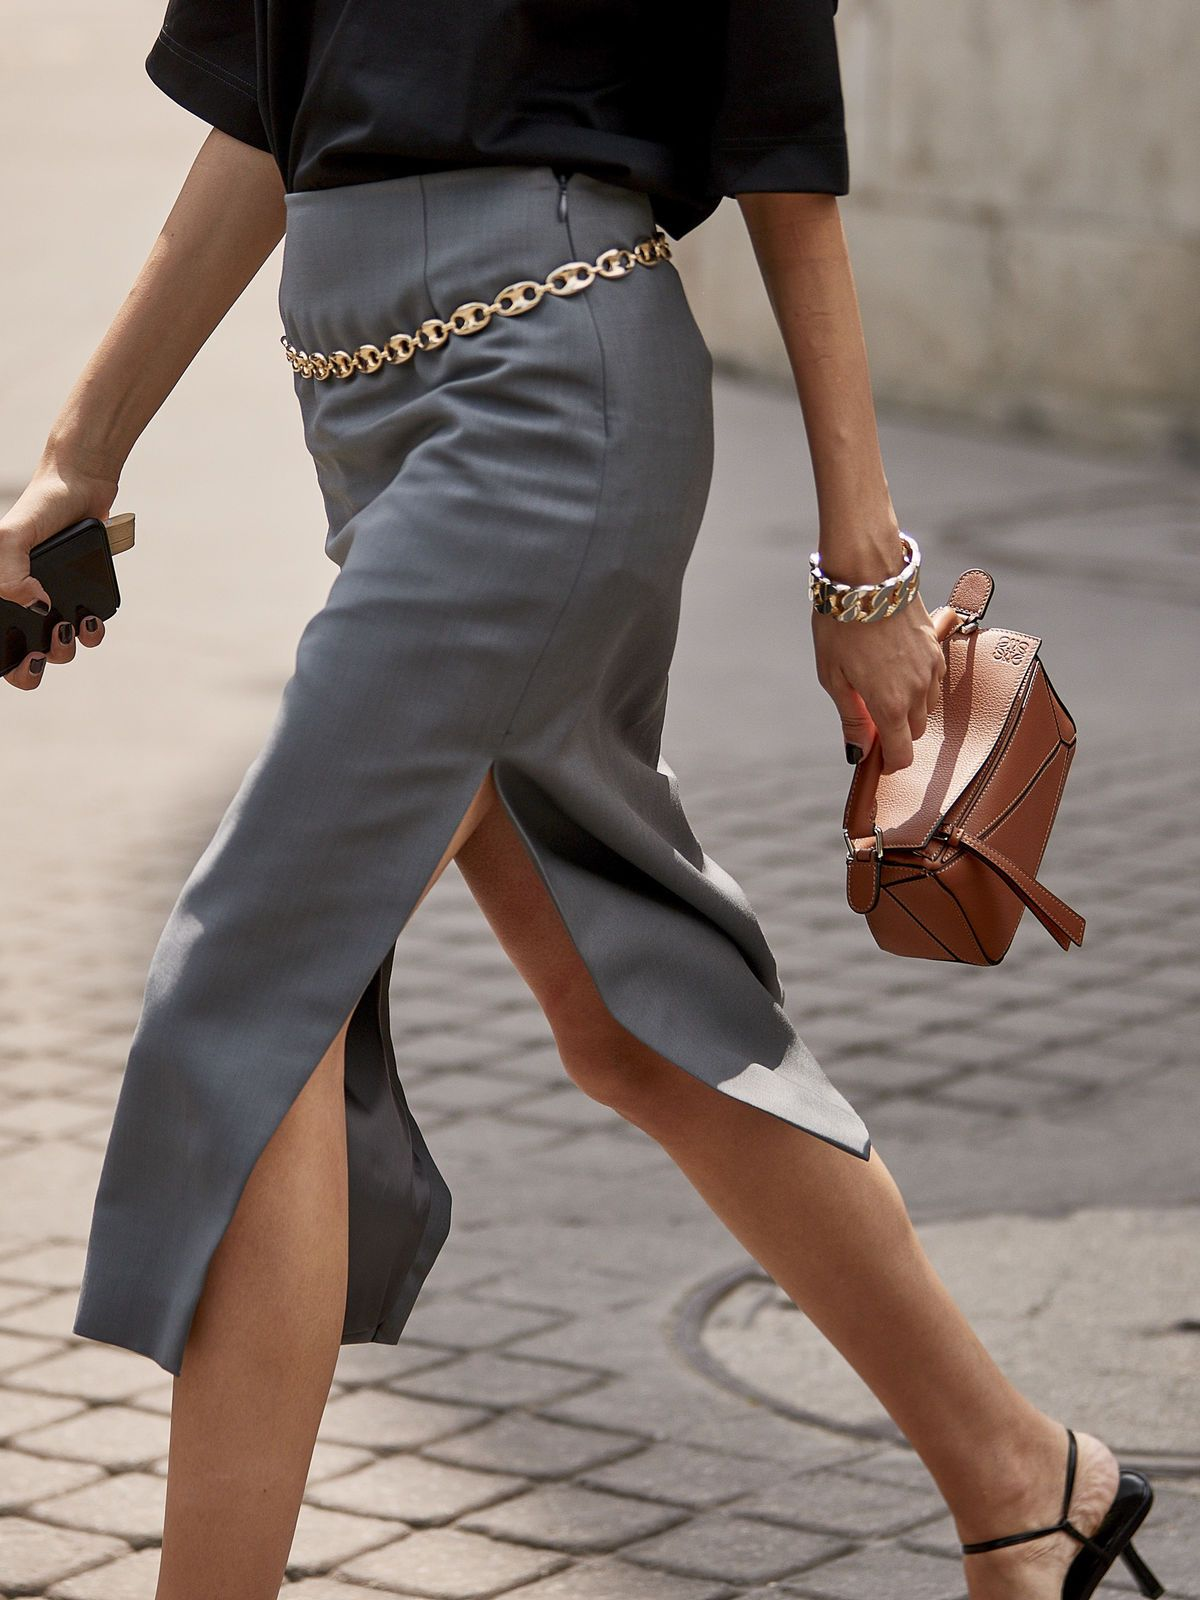 Kleidung für dicke waden